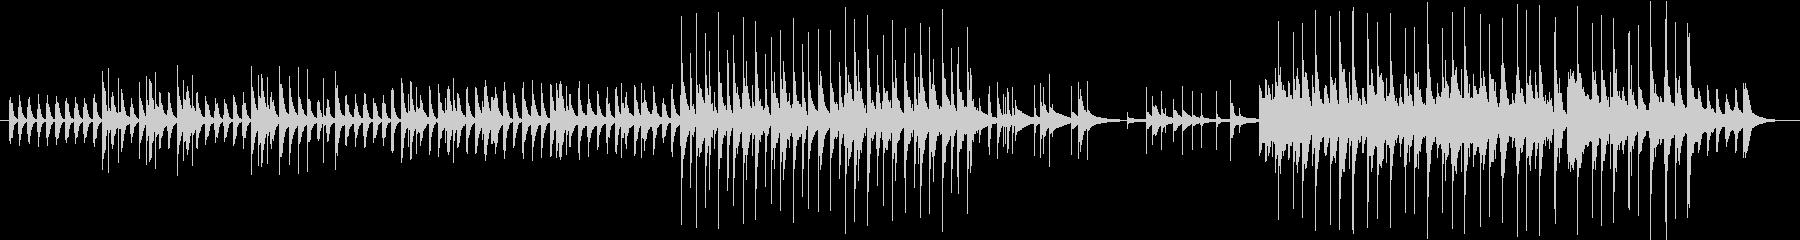 可愛らしいグロッケンサウンドの未再生の波形